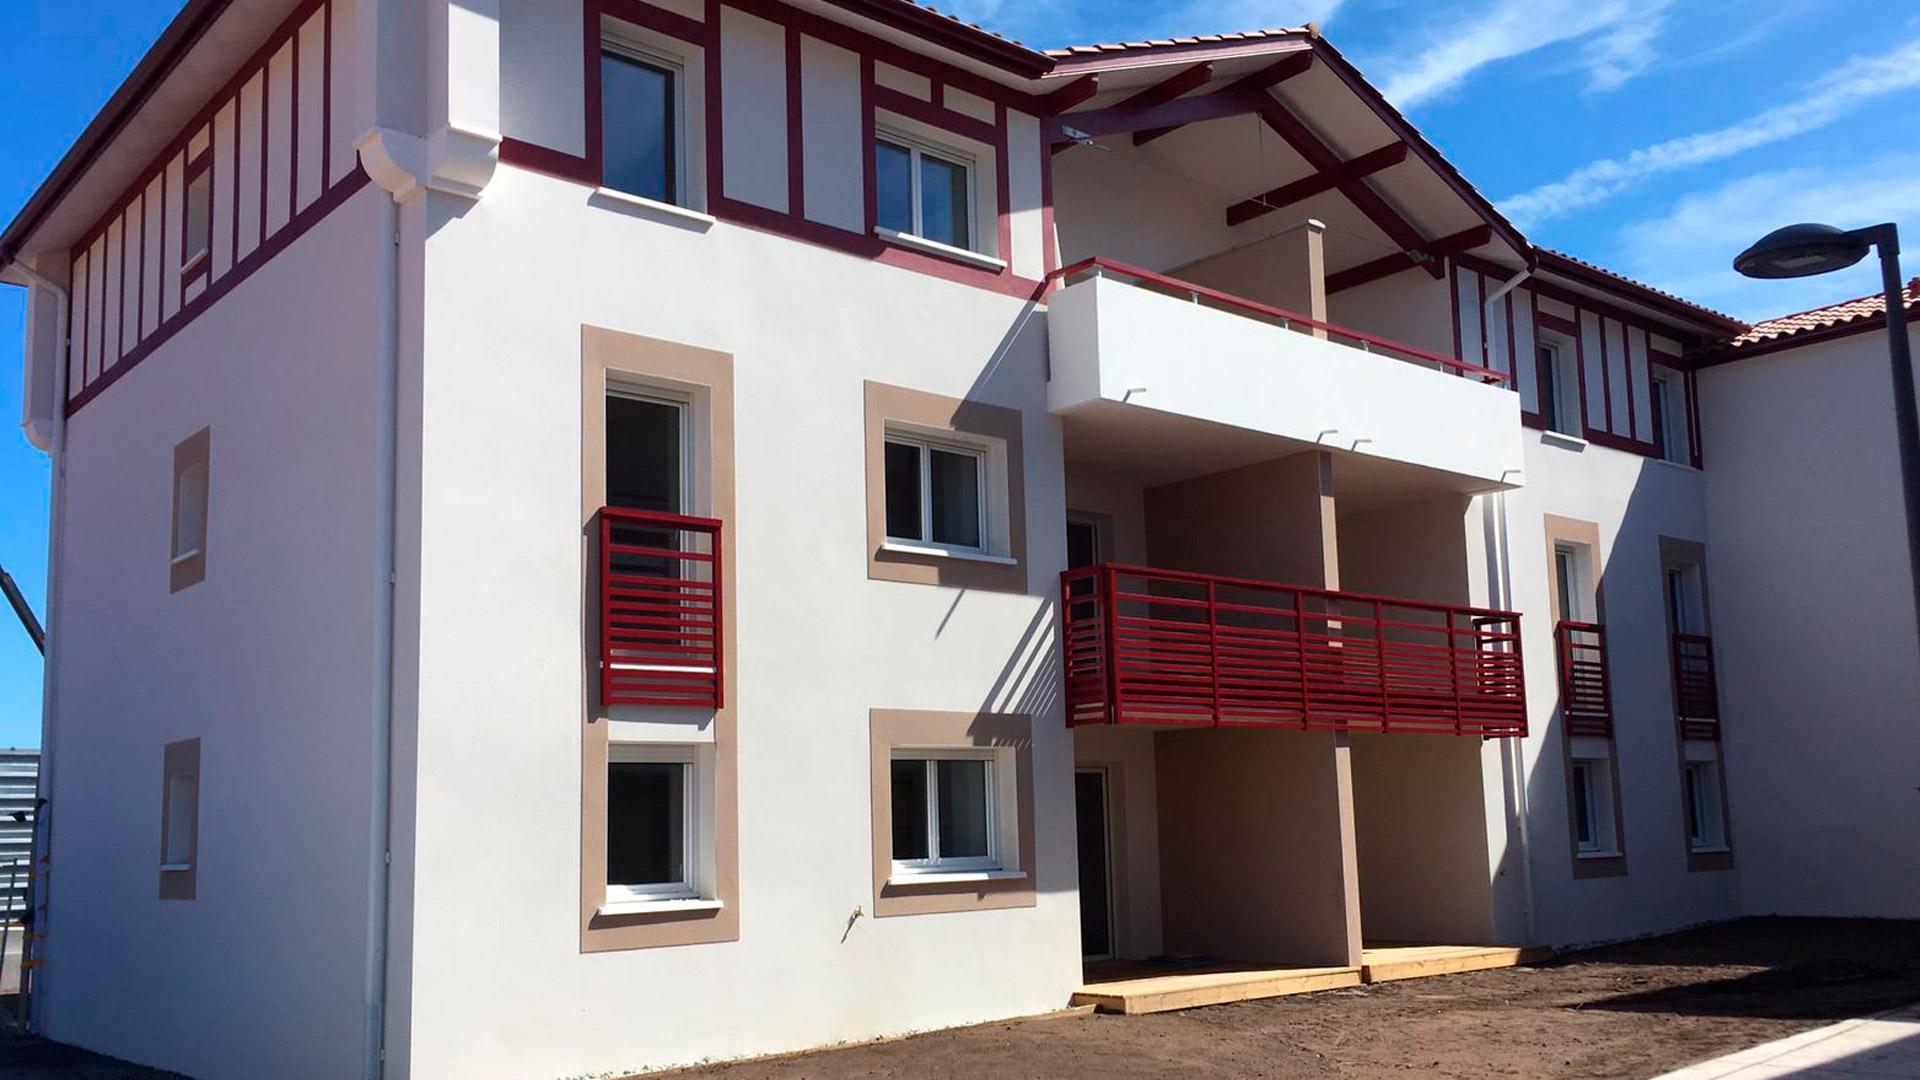 Résidence Altea à Soustons - SAGIM Immobilier